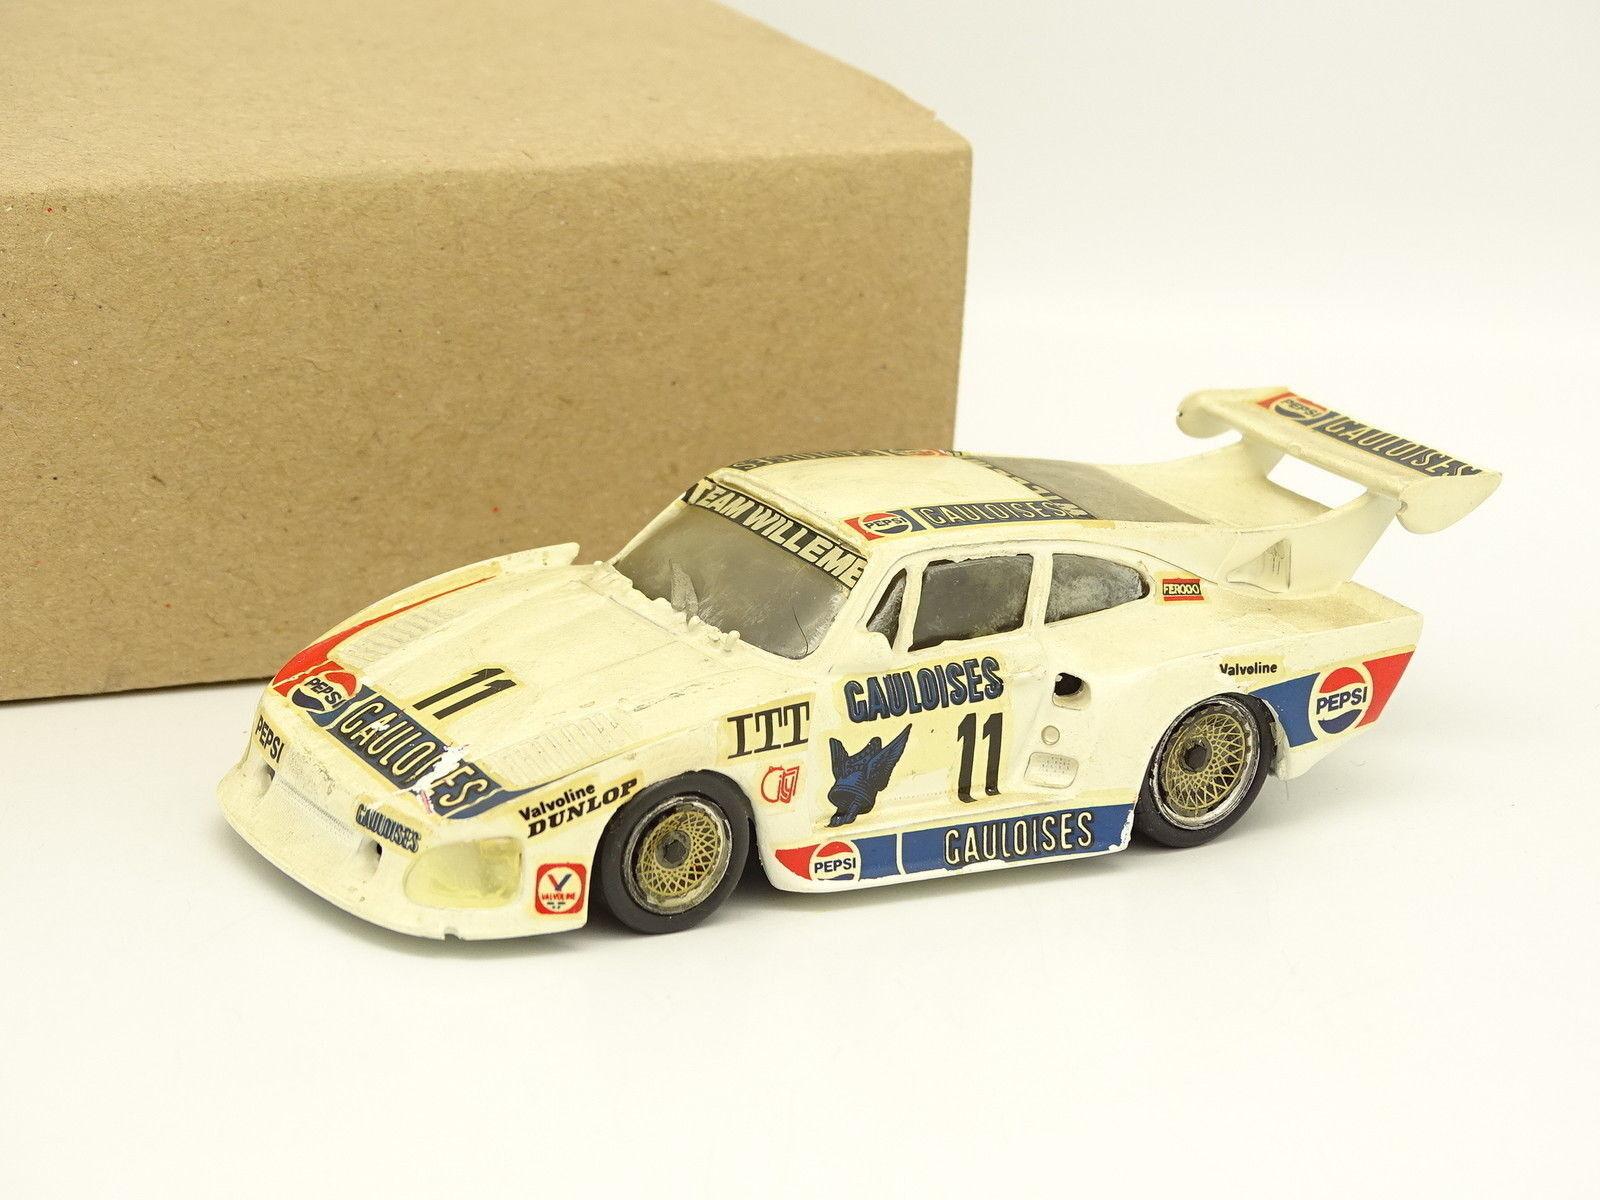 Record Kit Monté Résine 1 43 - Porsche 935 K3 N°11 DRM 1980 Gauloises